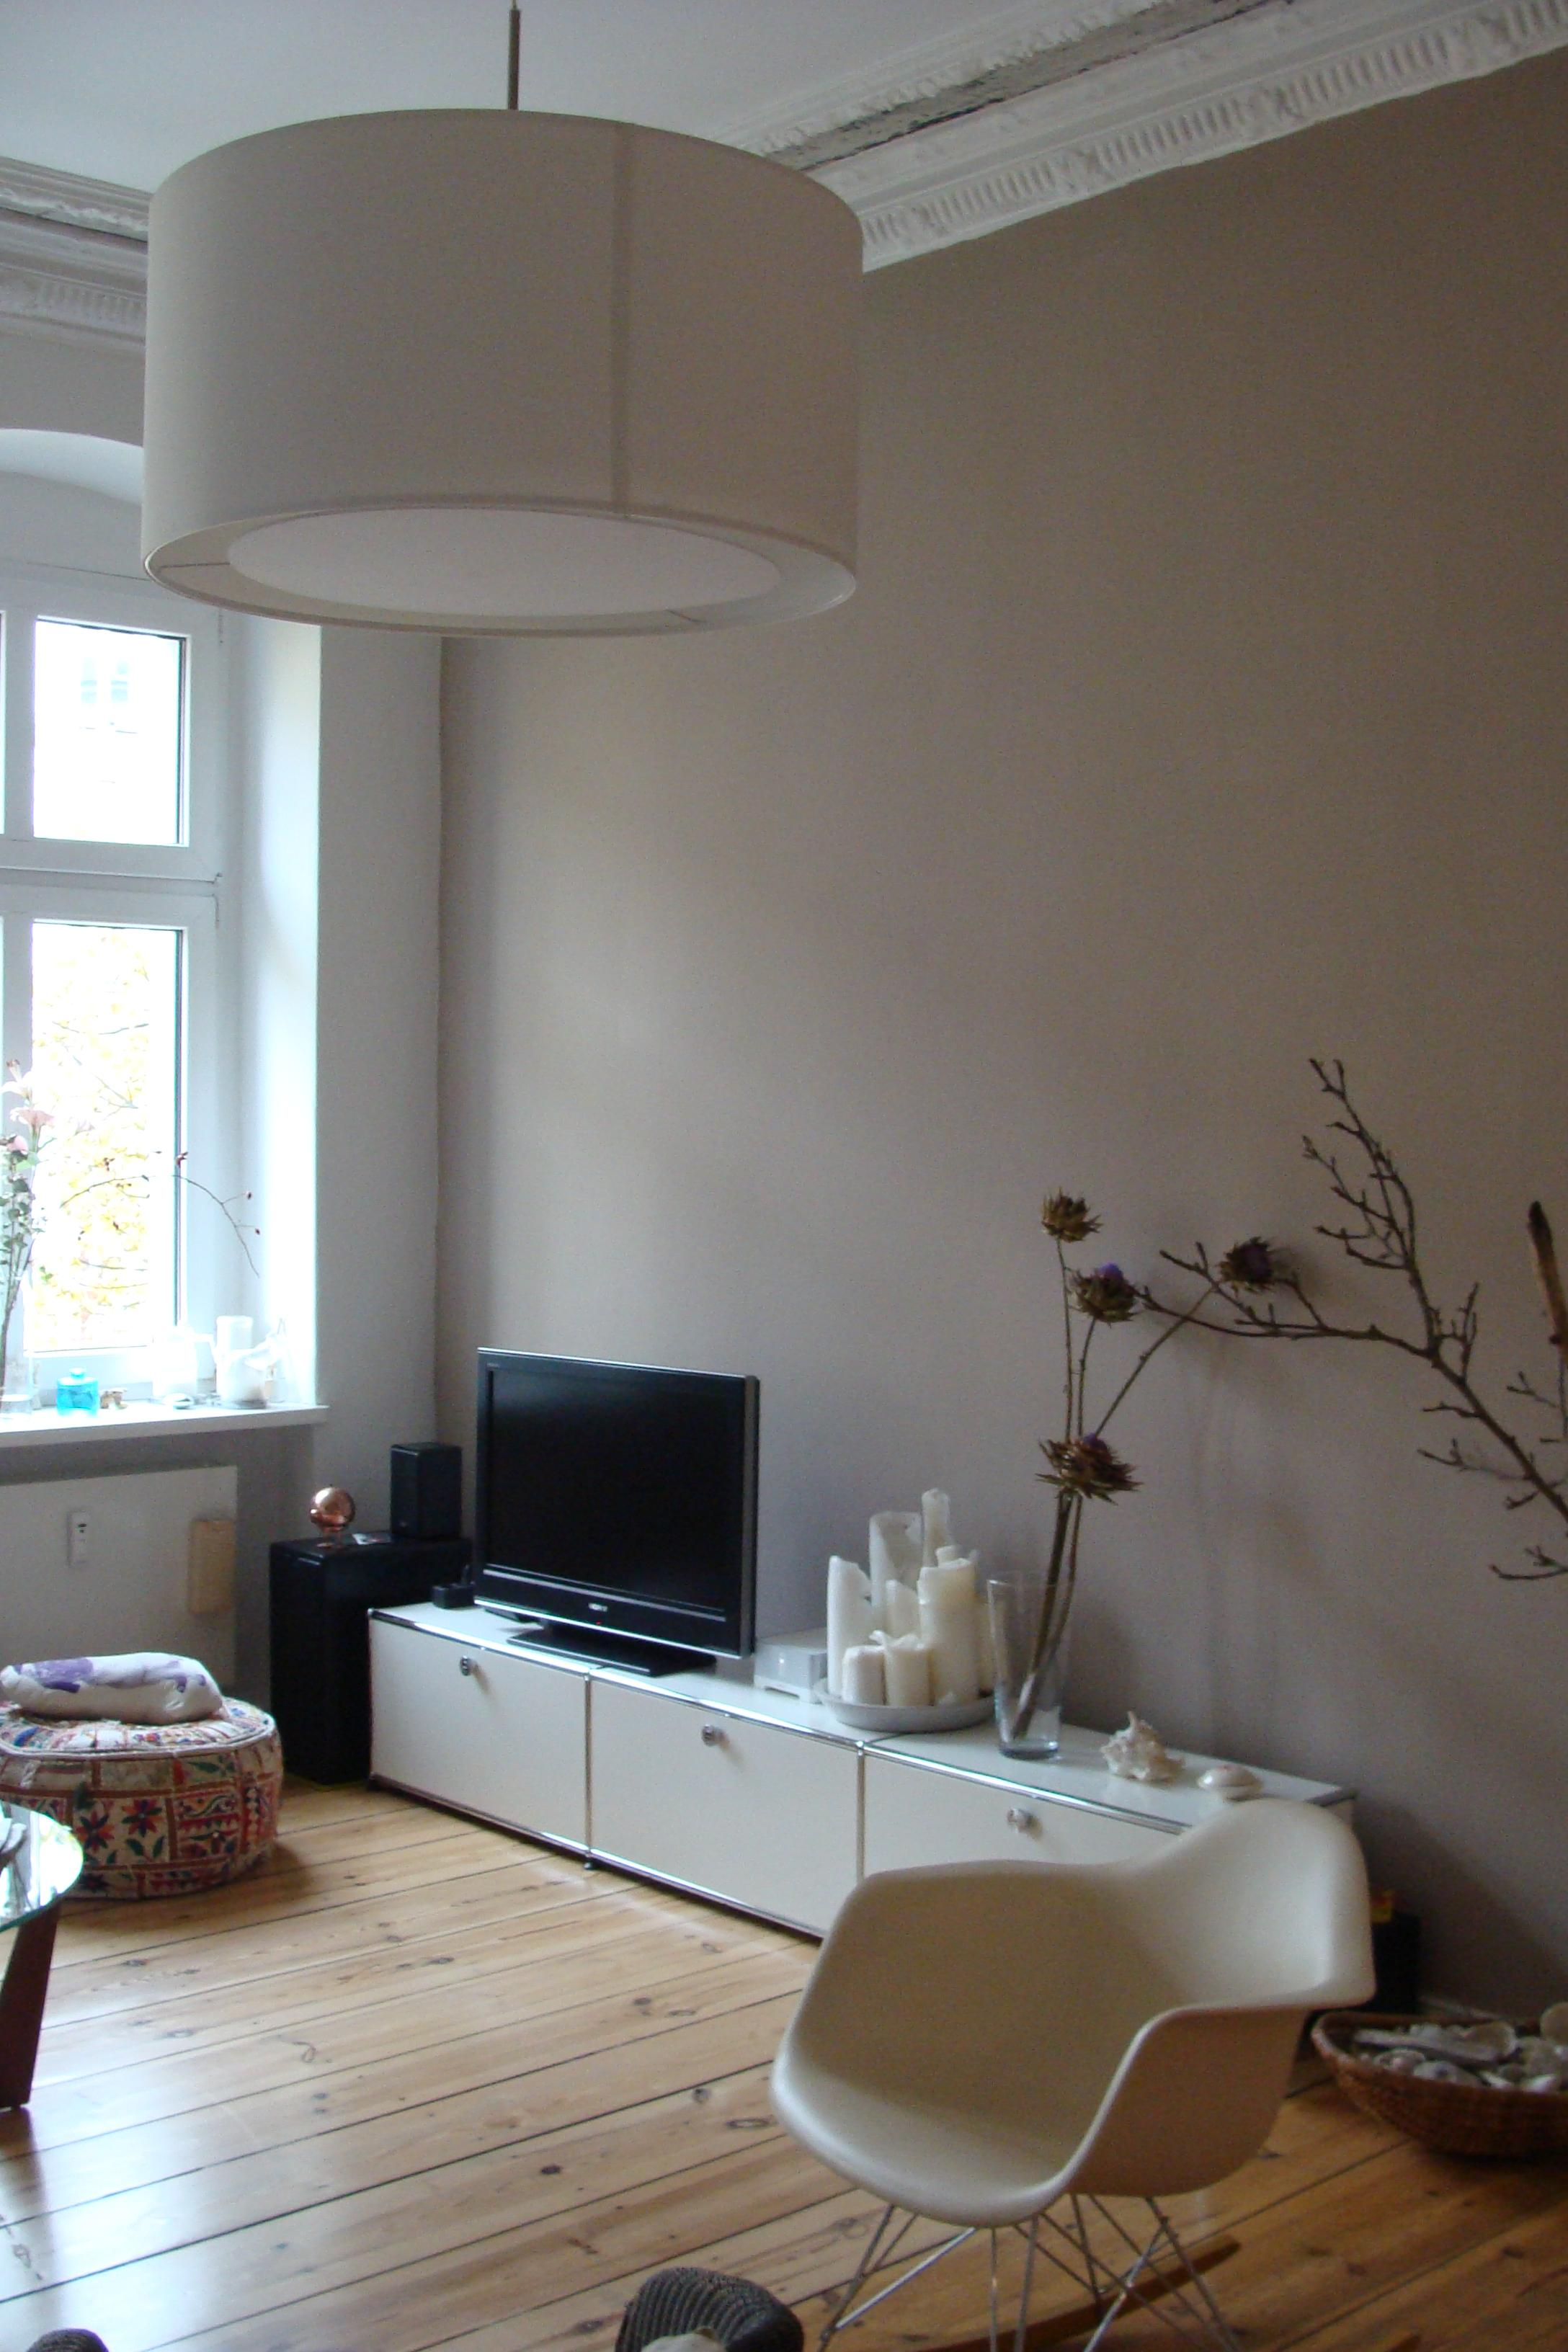 Sandfarbene Wand Im Wohnzimmer #wohnzimmer #sideboard #ethno ©Mareike Kühn  Interior Stylist U0026amp